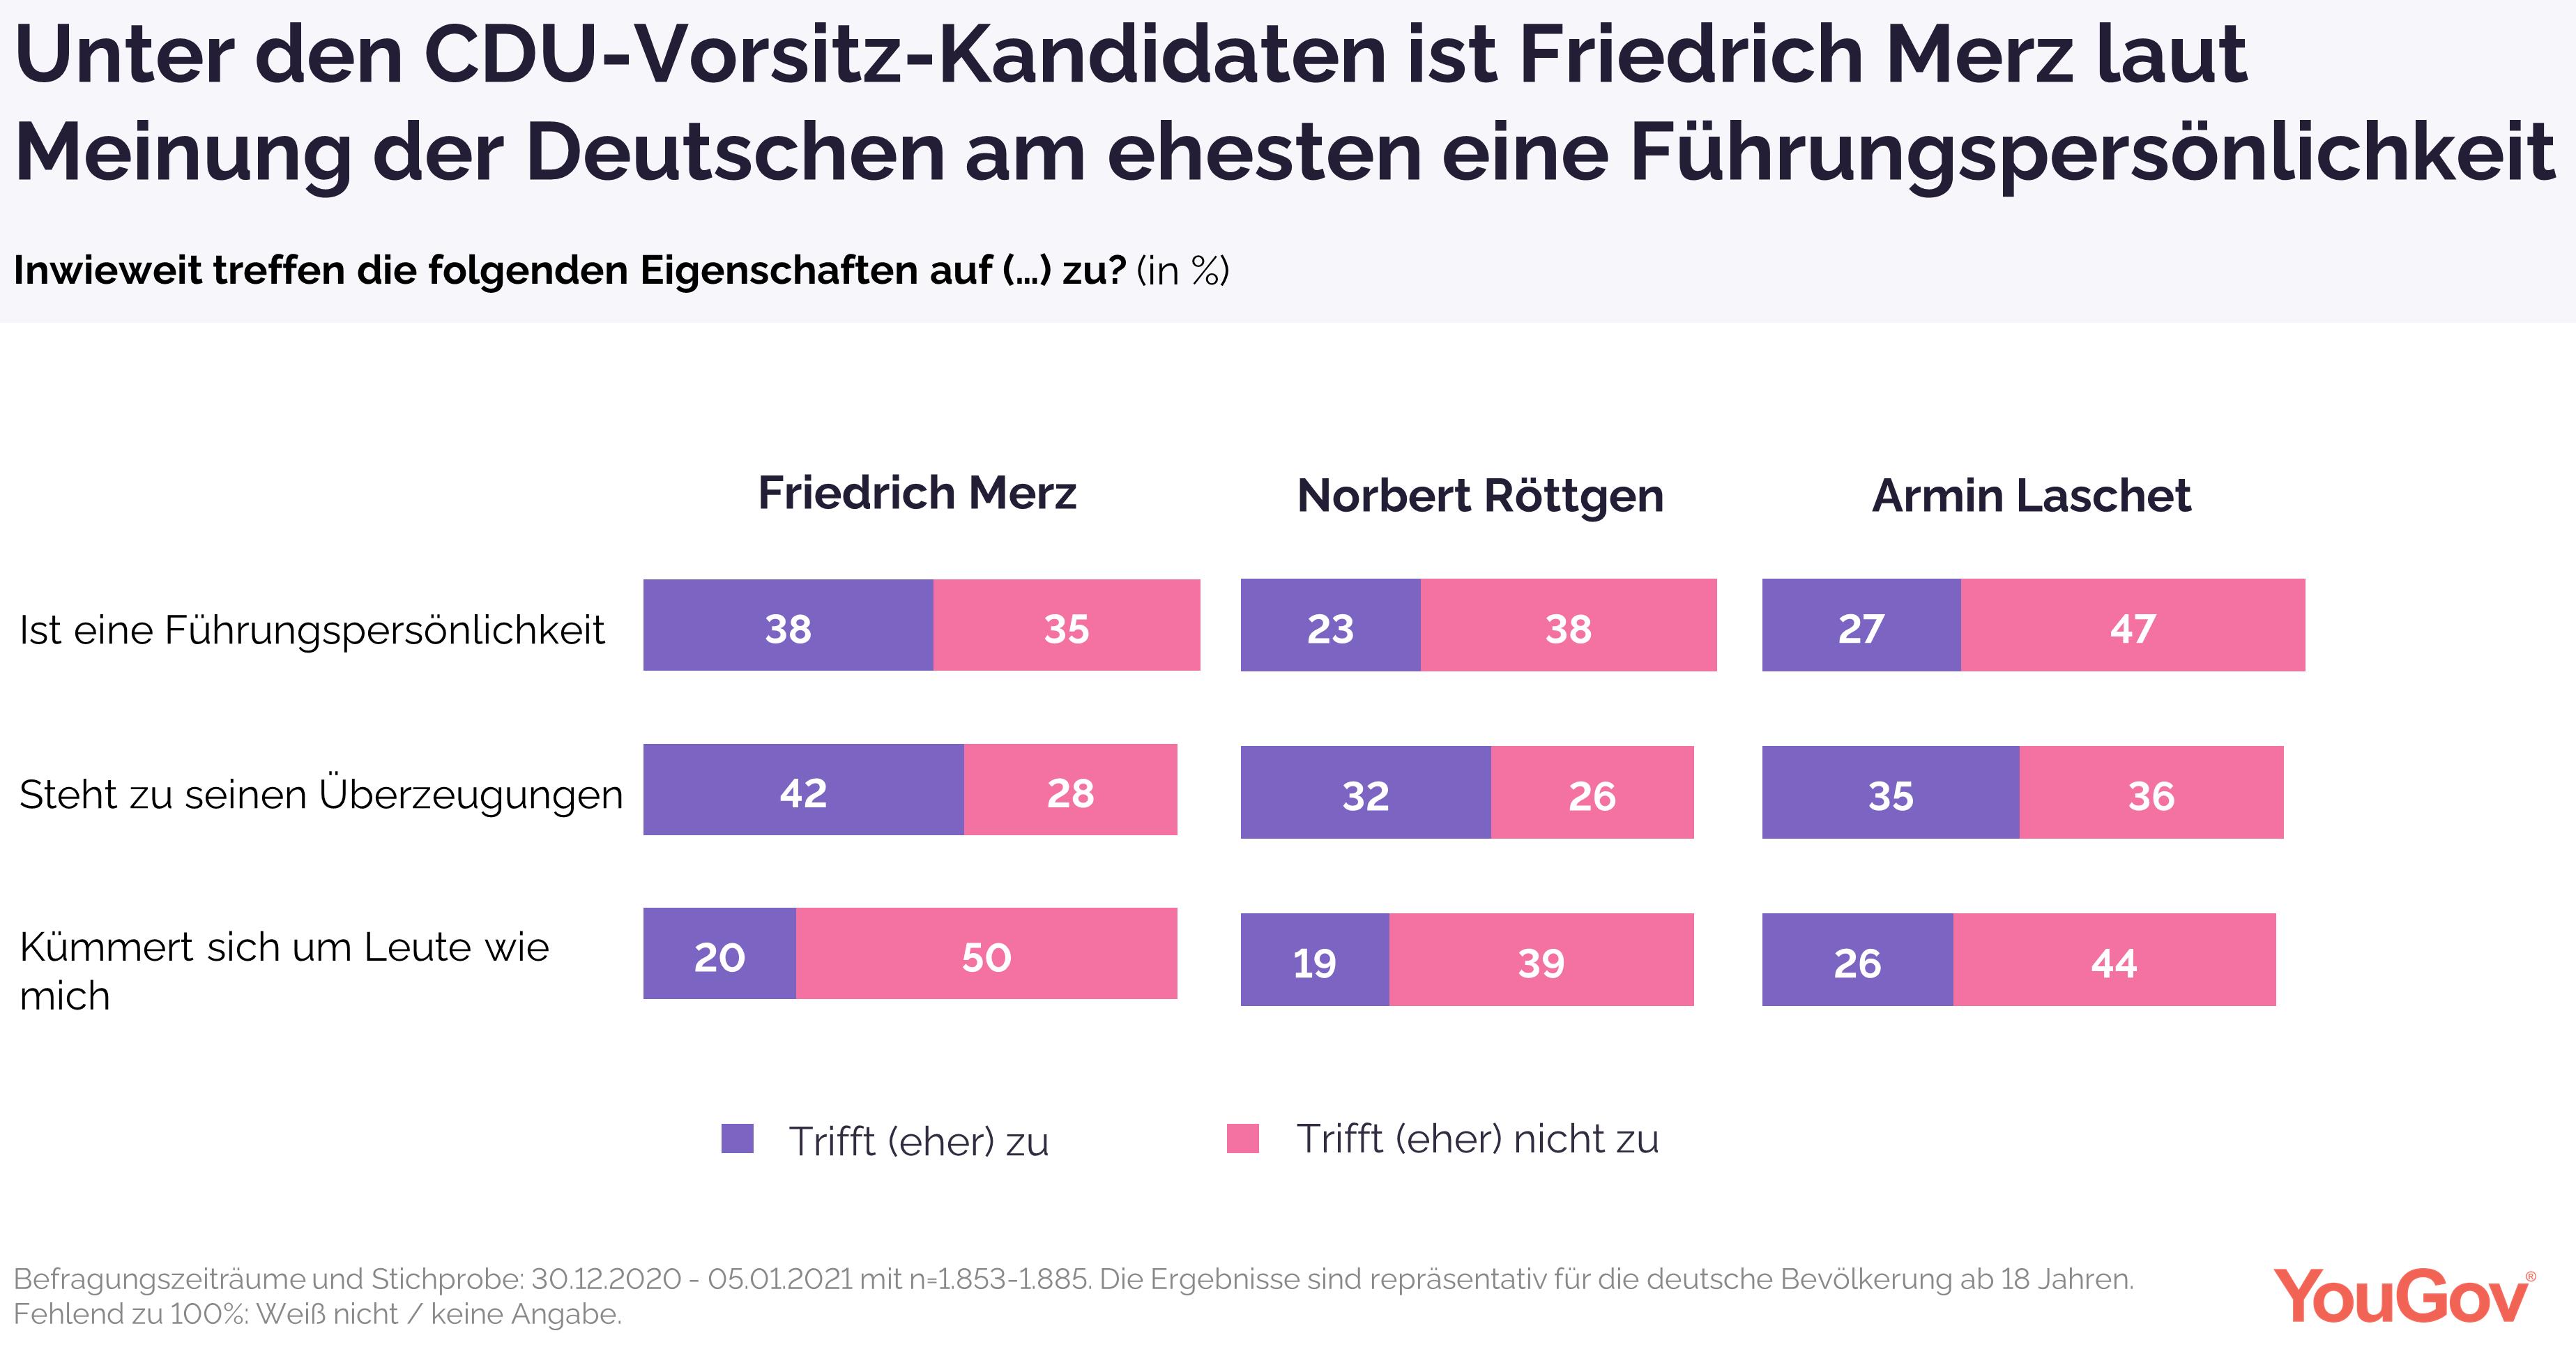 Friedrich Merz unter CDU-Vorsitz-Kandidaten laut Meinung der Deutschen am meisten Führungspersönlichkeit